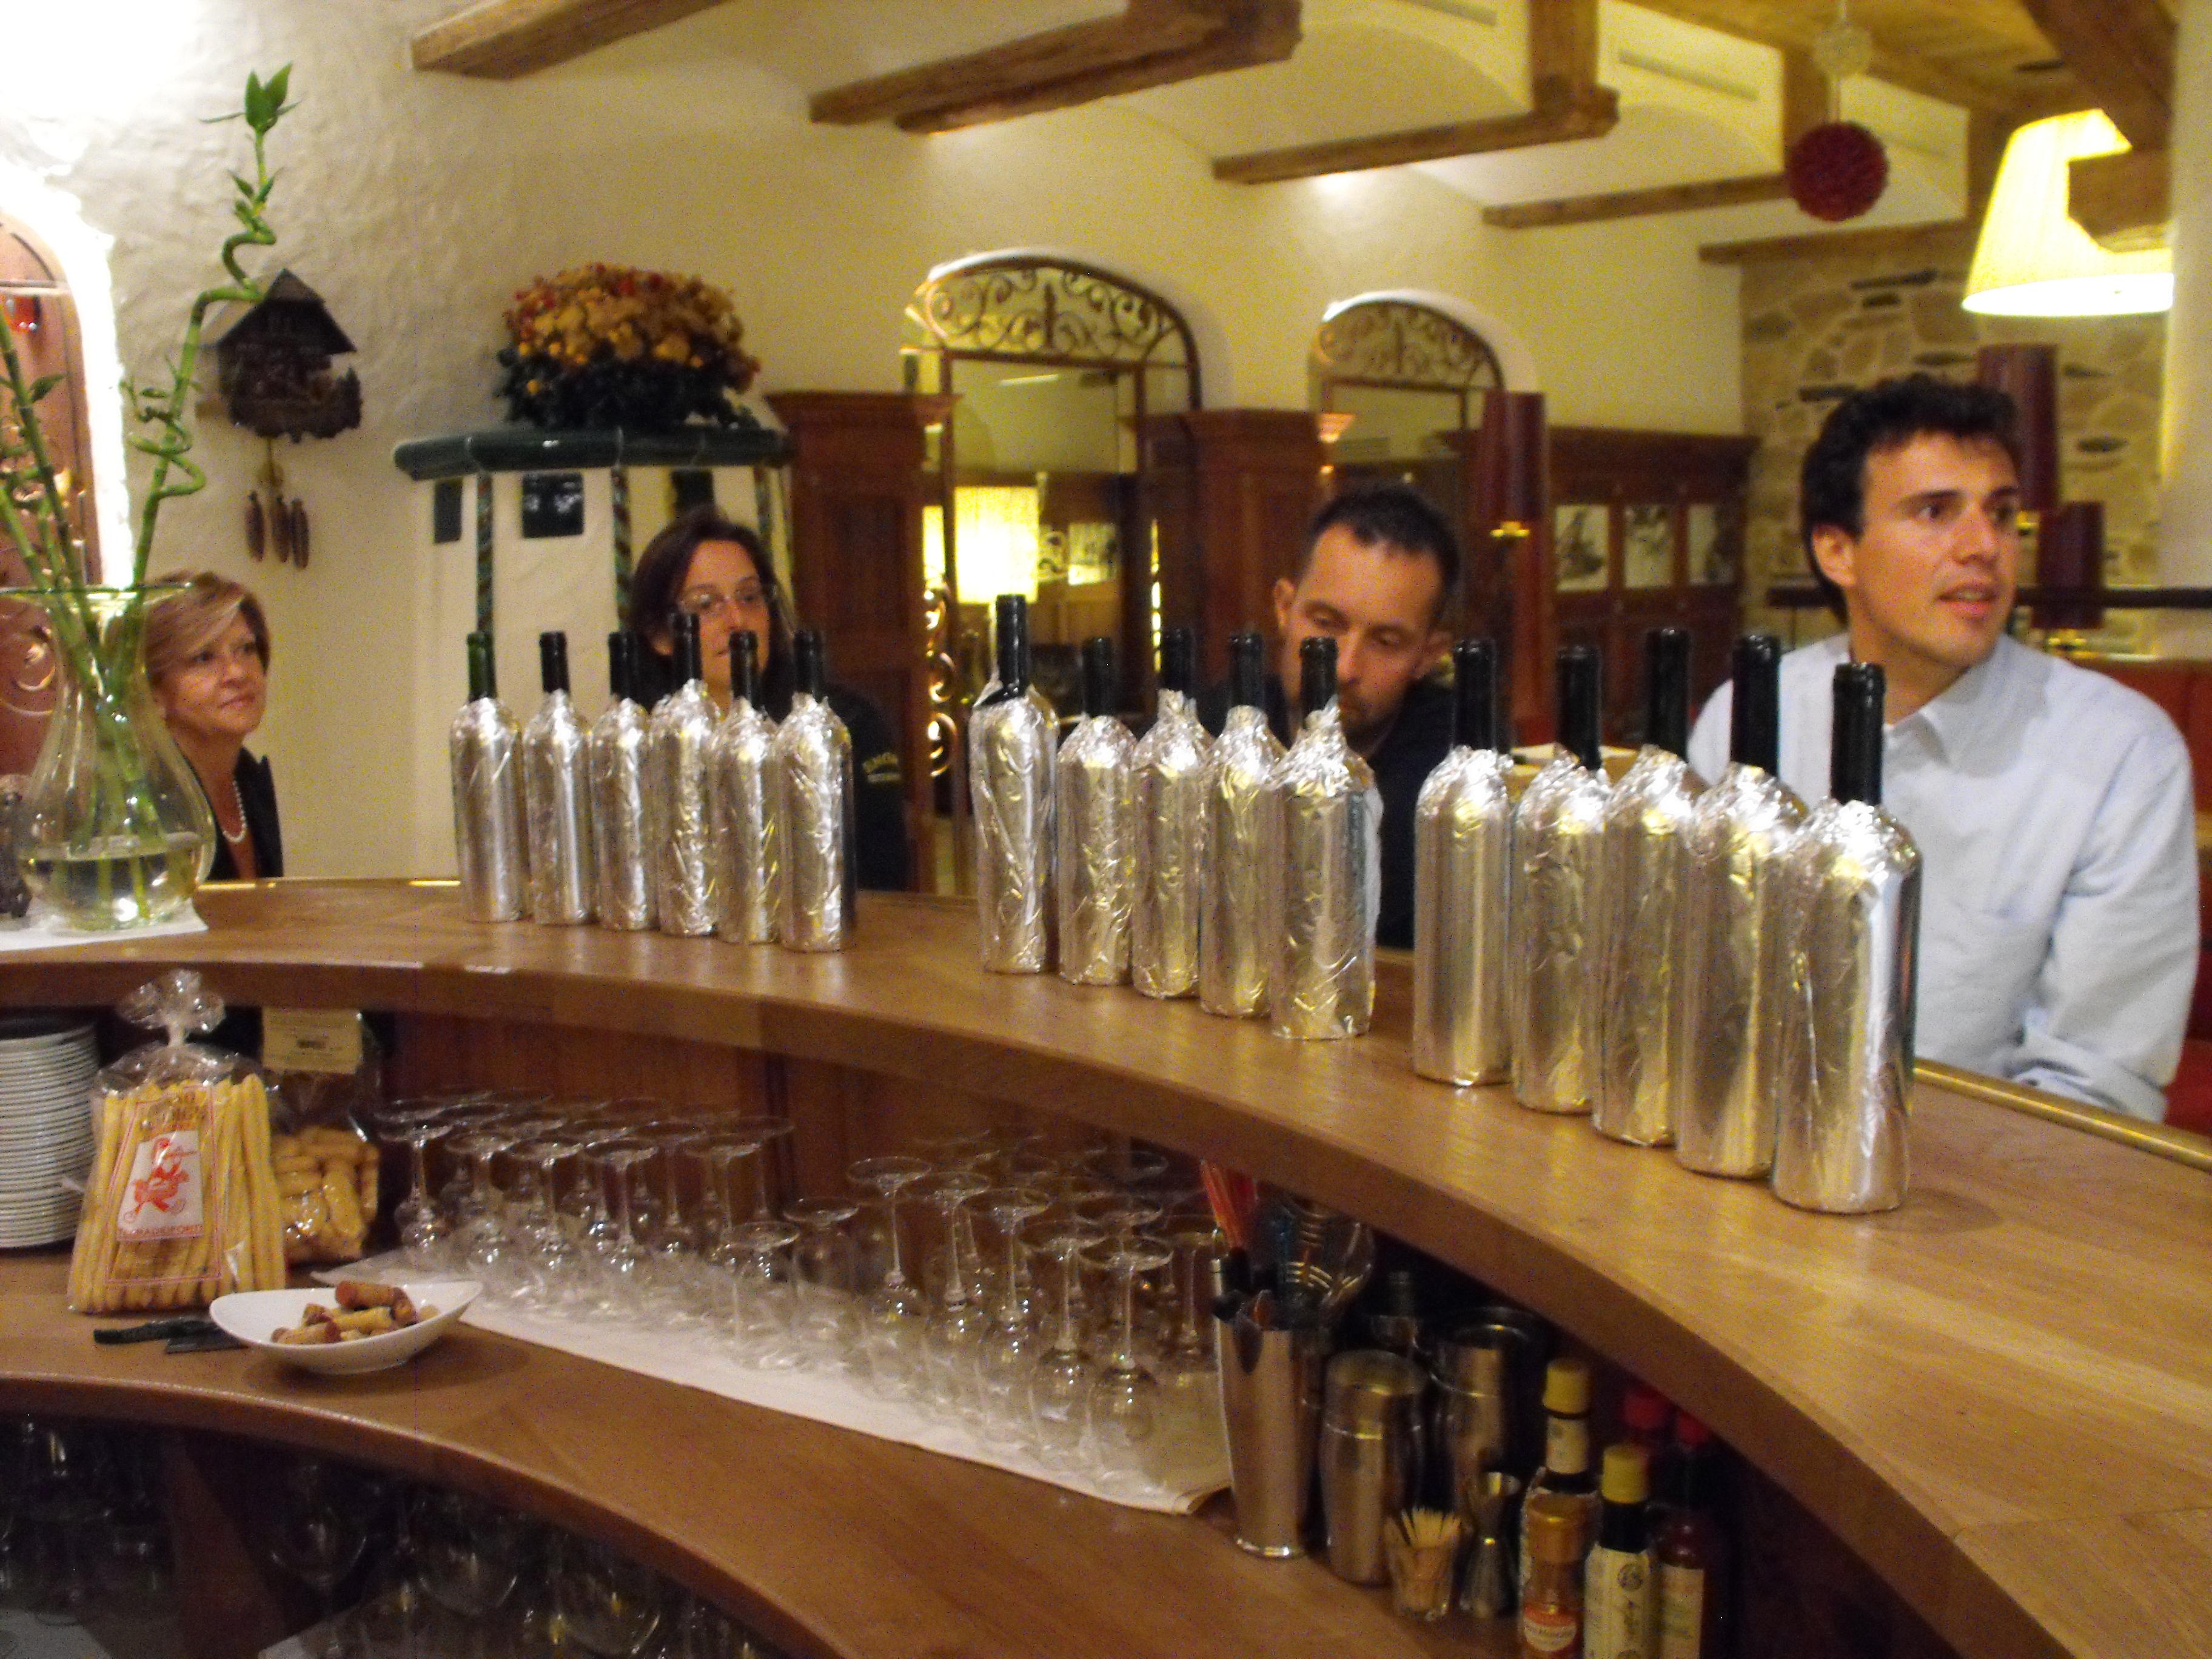 In degustazione: il Cabernet, le bottiglie